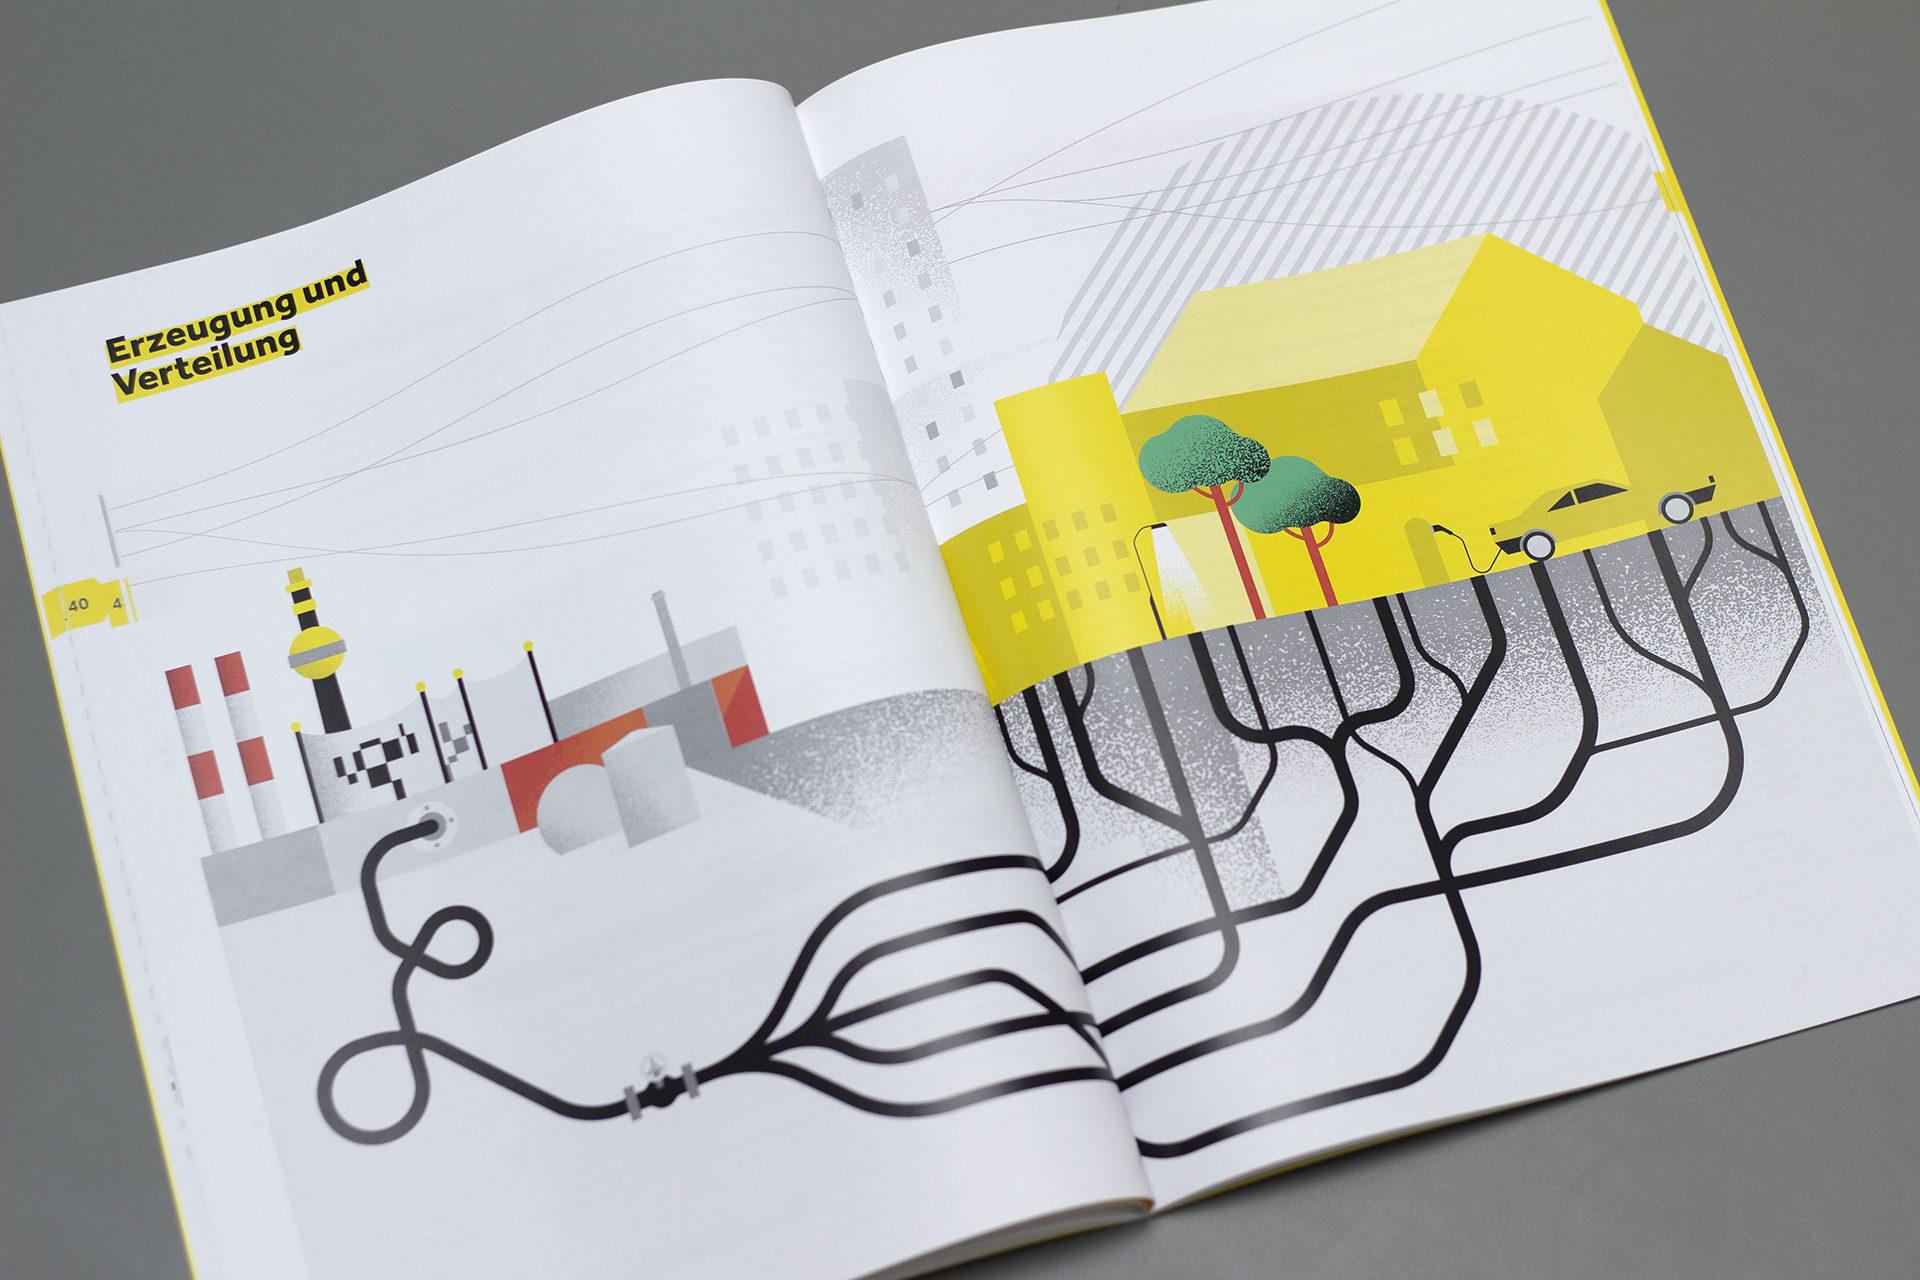 Aufgeschlagene Seite aus dem Energiebericht der Stadt Wien mit Illustration von Energieverteilung in einer Stadt mit Fernwärmekraftwerk, Autos, Leitungen und Häusern